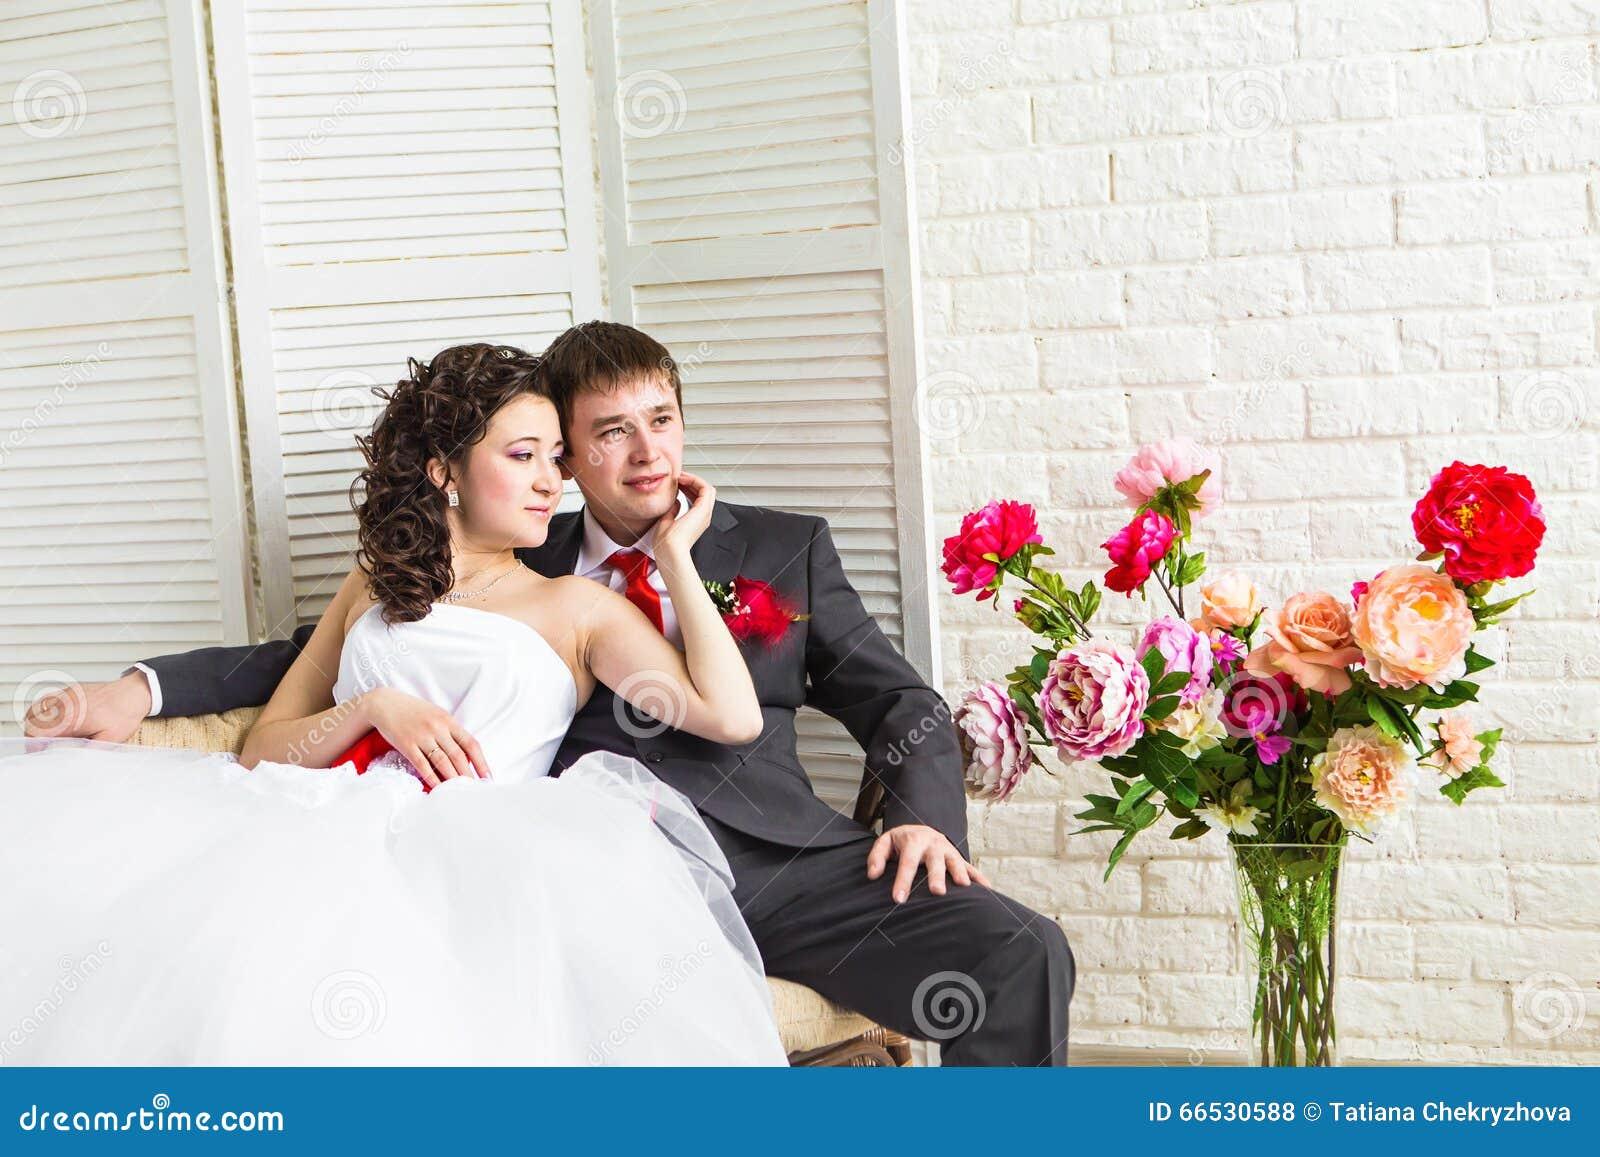 Русское порно красивая жена с любовником порно